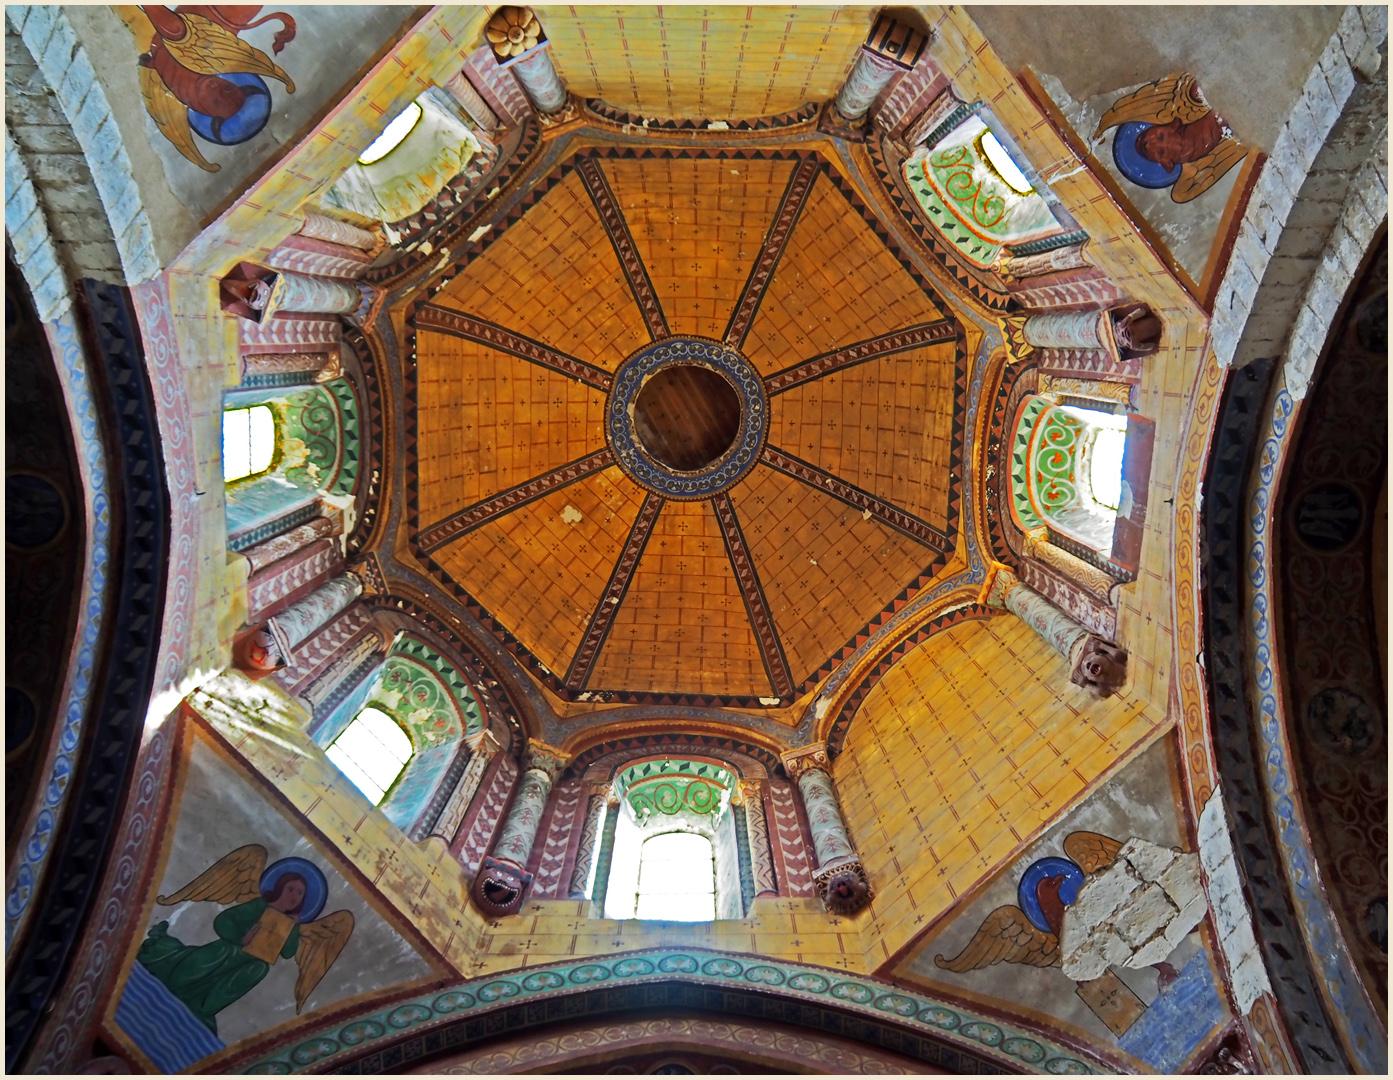 L'intérieur de la tour lanterne